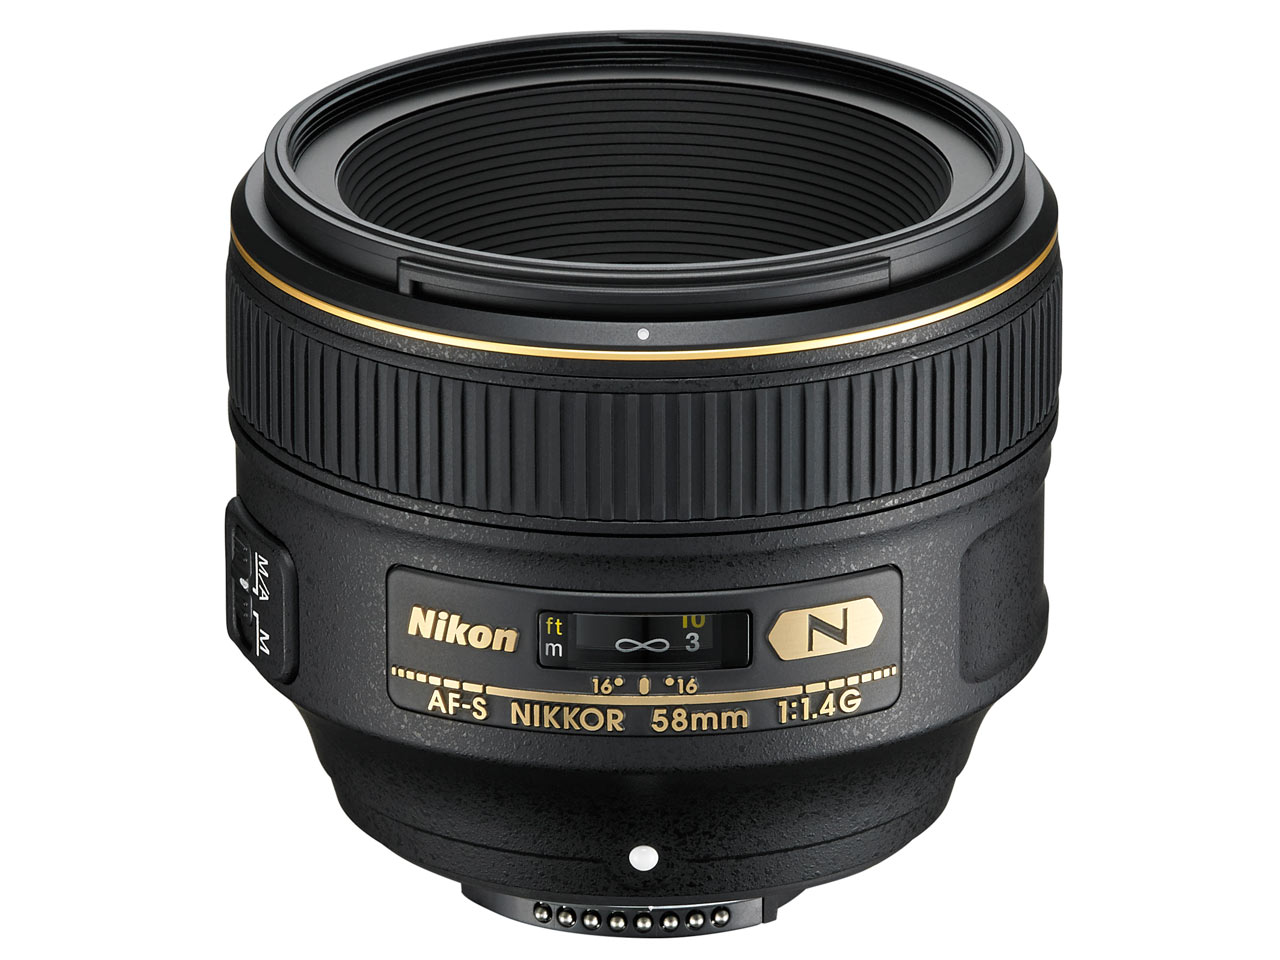 Объектив Nikon AF-S 58mm f/1.4G (JAA136DA)Объективы<br><br><br>Тип: Объектив<br>Фокусное расстояние: 58 мм<br>Диафрагма: F1.40<br>Минимальная диафрагма: F16<br>Крепление: Nikon F<br>Автоматическая фокусировка: есть<br>Число элементов / групп элементов: 9 / 6<br>Число лепестков диафрагмы: 9<br>Минимальное расстояние фокусировки: 0.58 м